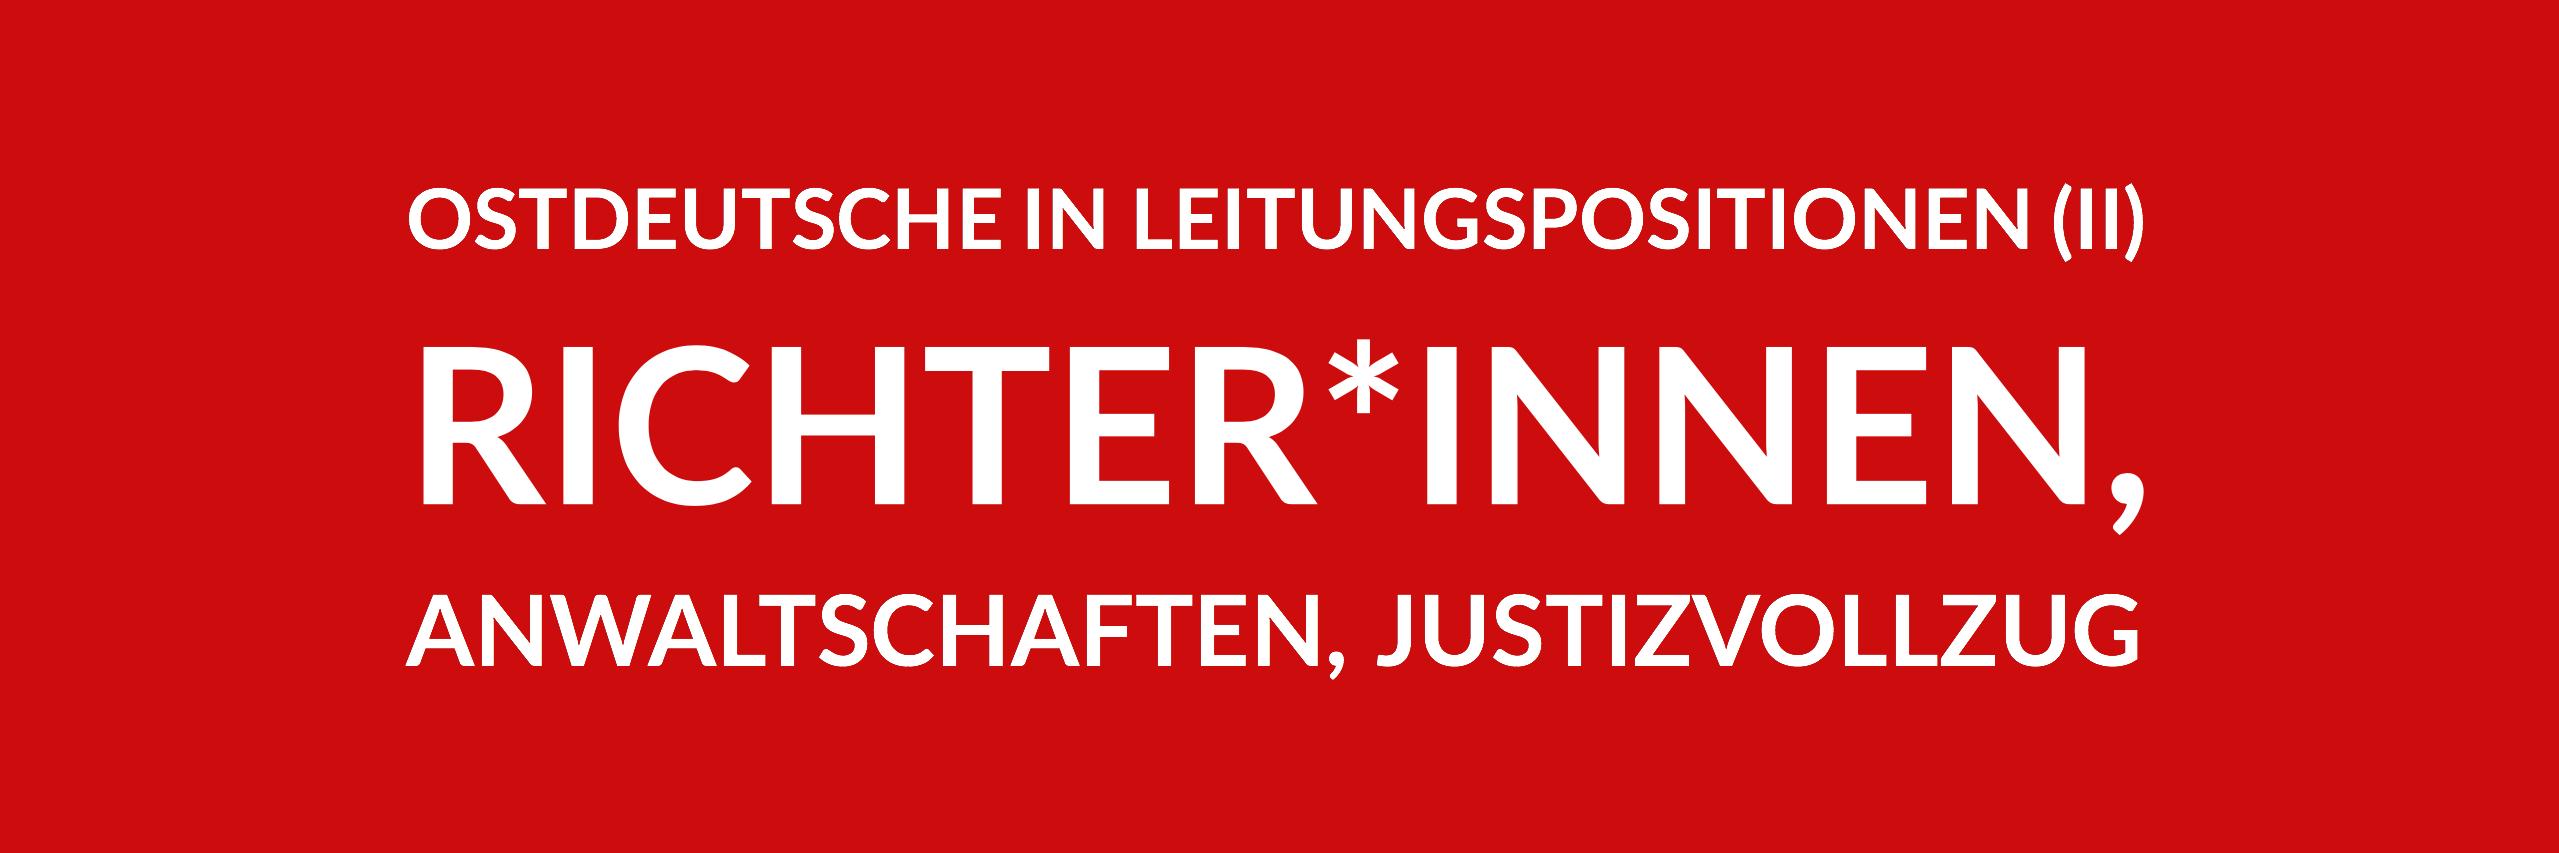 Anfrage 'Ostdeutsche in Leitungspositionen im Land Berlin (II) - Richter*innen, Anwaltschaften, Justizvollzug' (PDF)